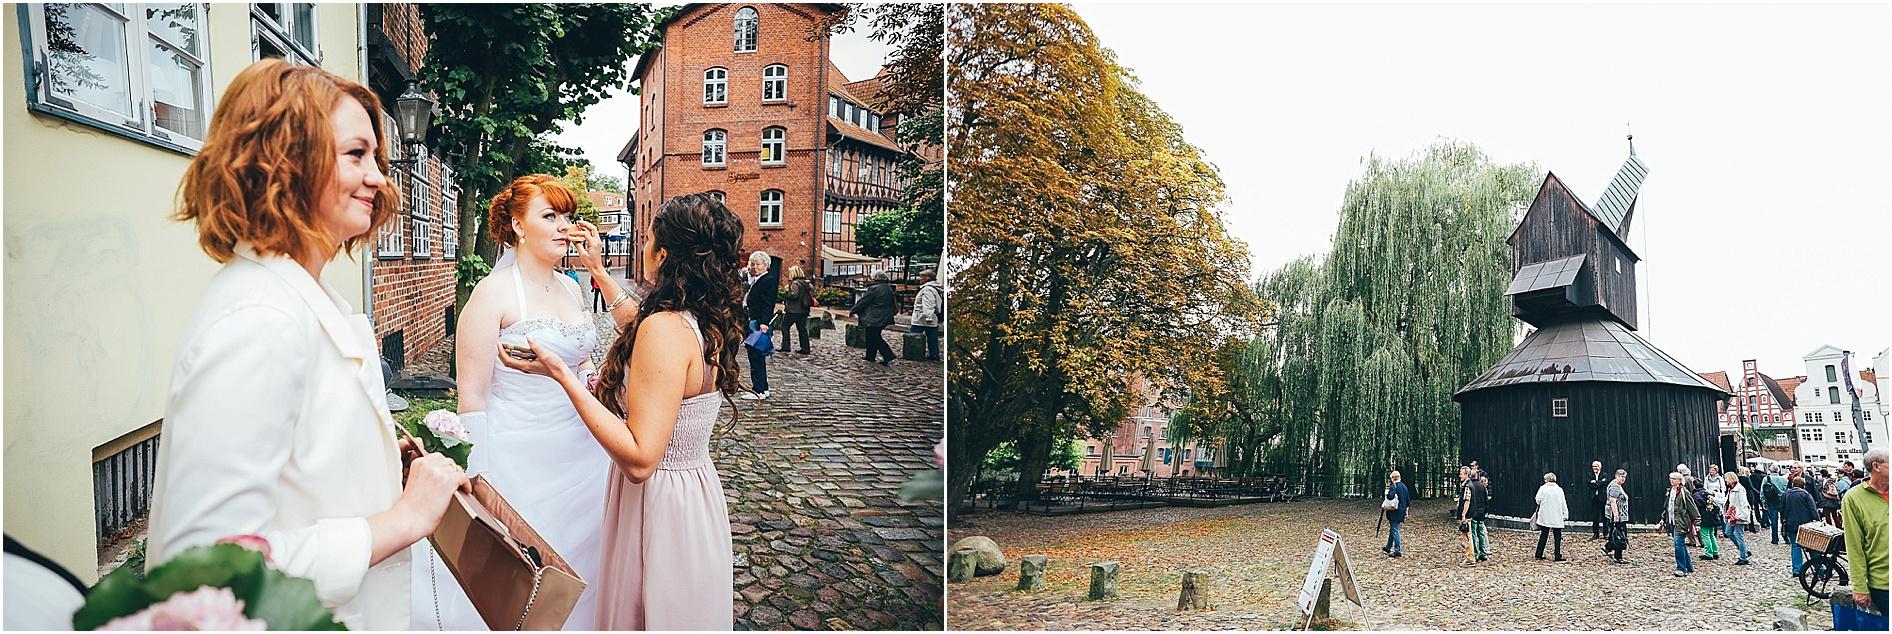 2014-11-20_0051 Lora & Daniel - Als Hochzeitsfotograf in Lüneburg